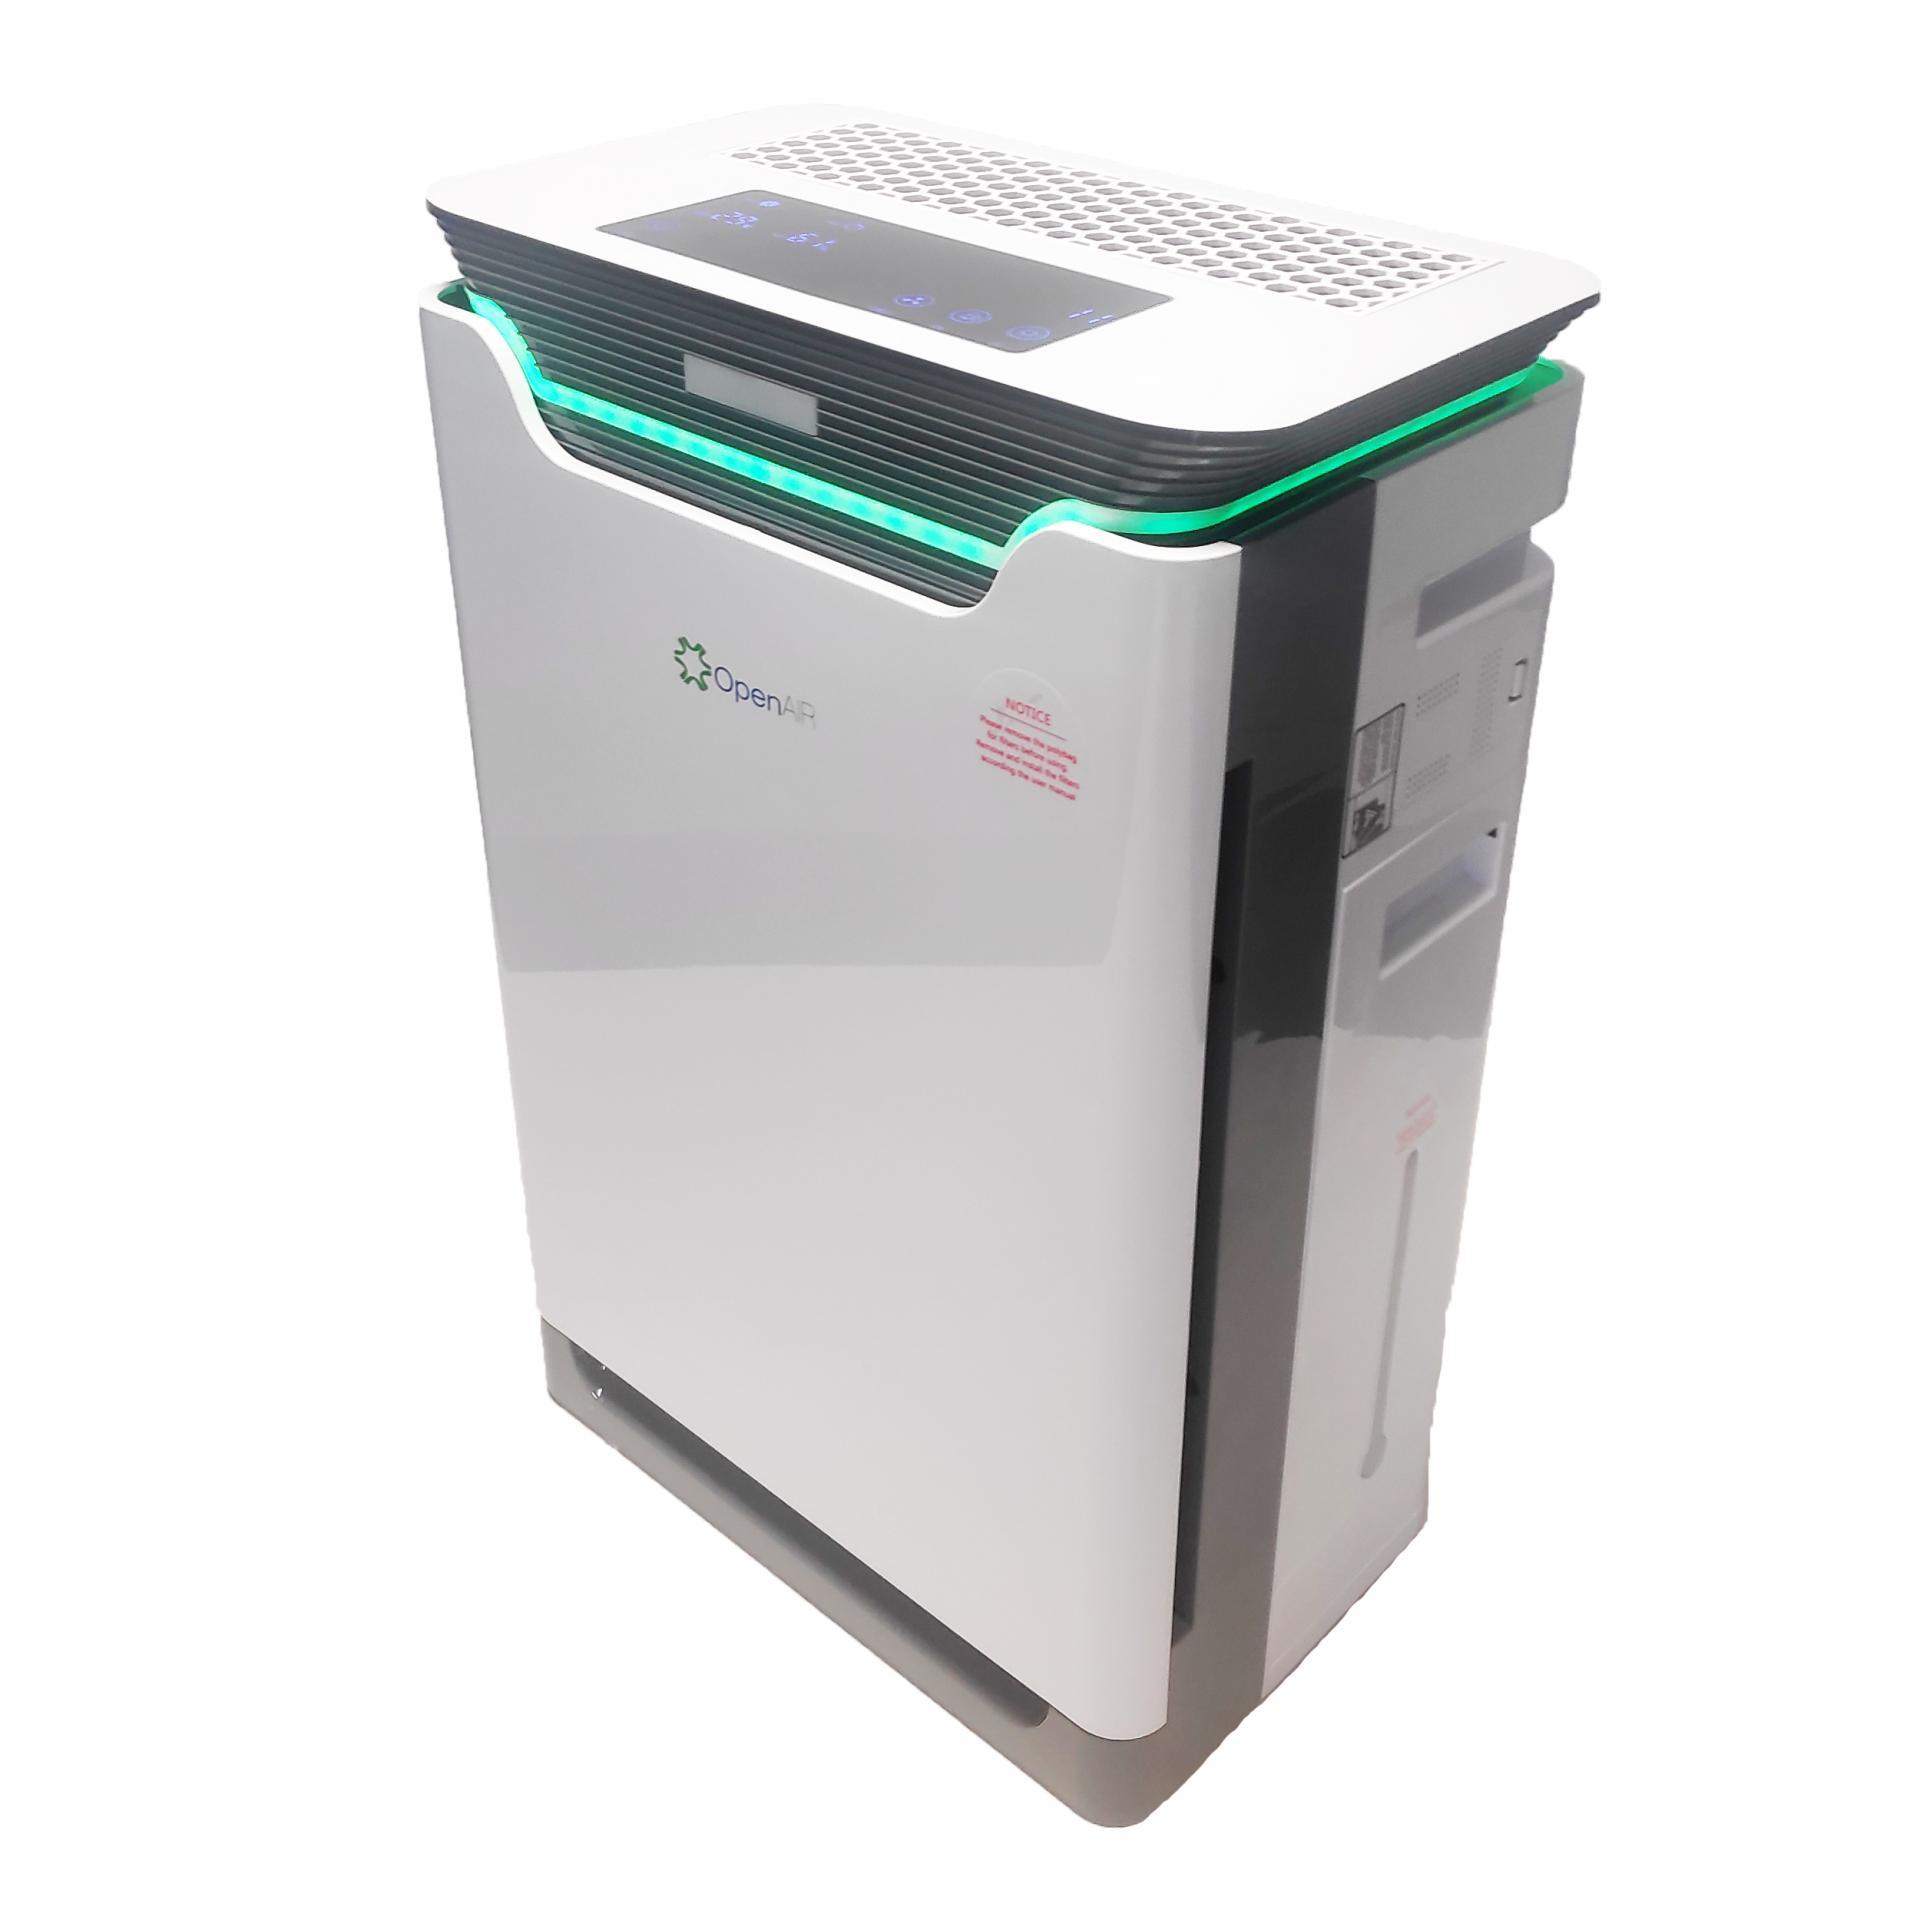 OA 290H13 Purificador de aire Inteligente con HEPA13 ,catálisis e ionización.